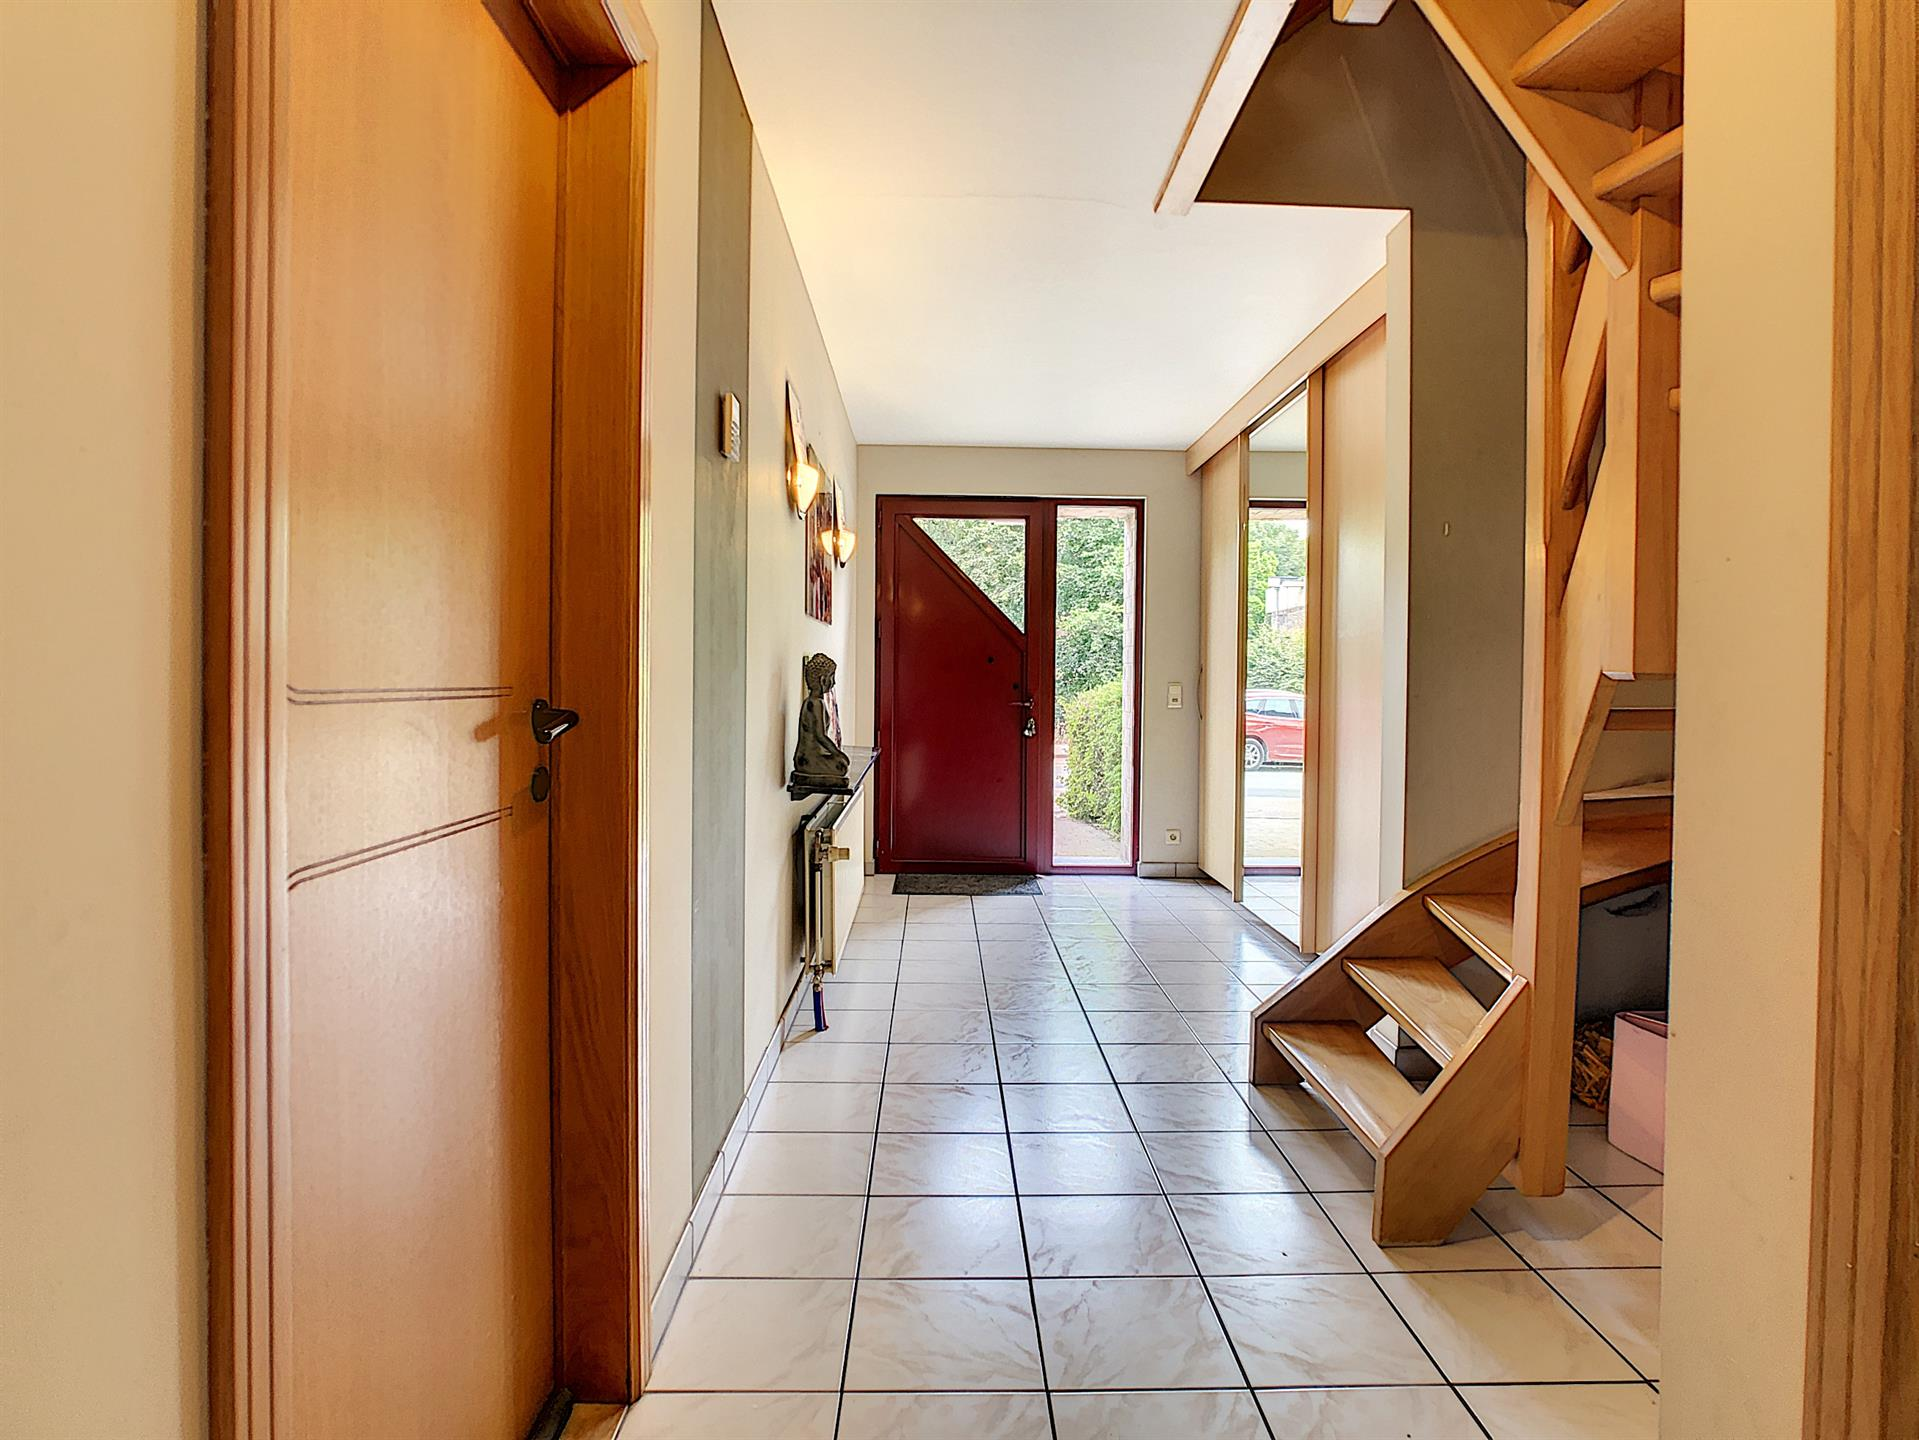 Bel-étage - Vilvoorde - #4419274-10